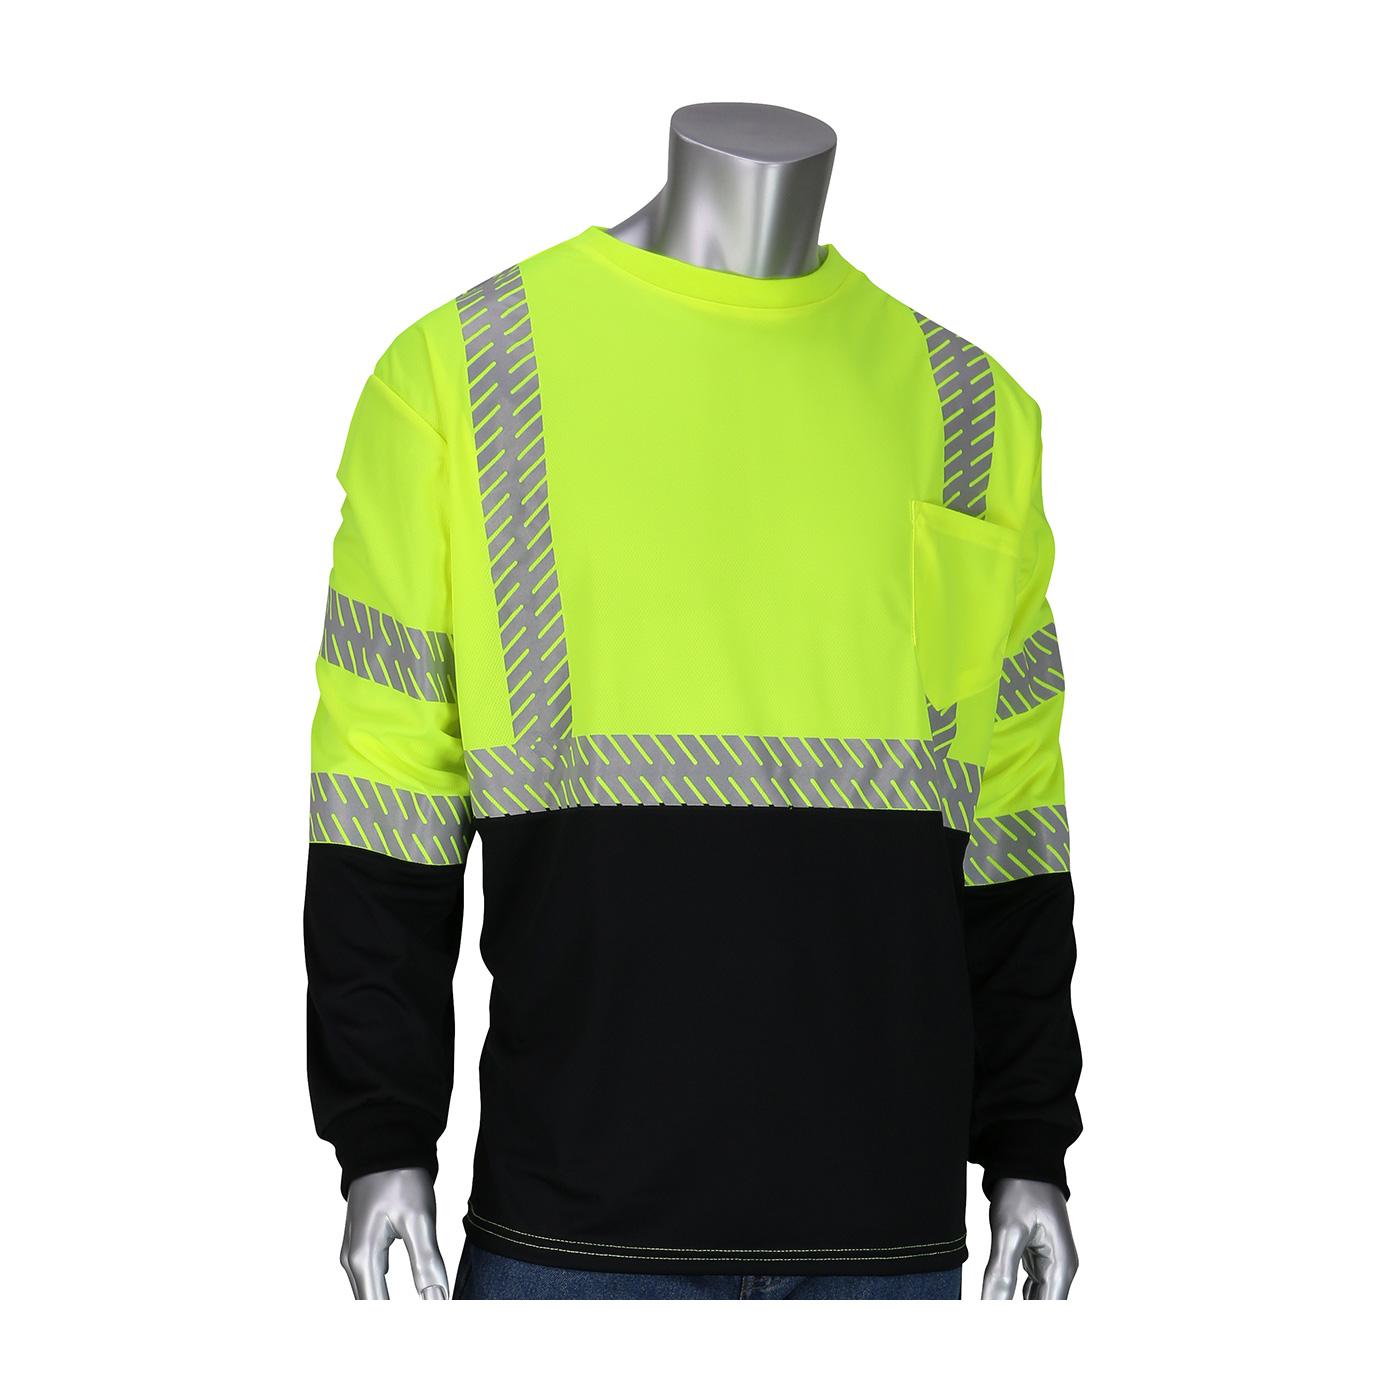 PIP T-Shirt, Long Sleeve, Type R Class 3, Segmented